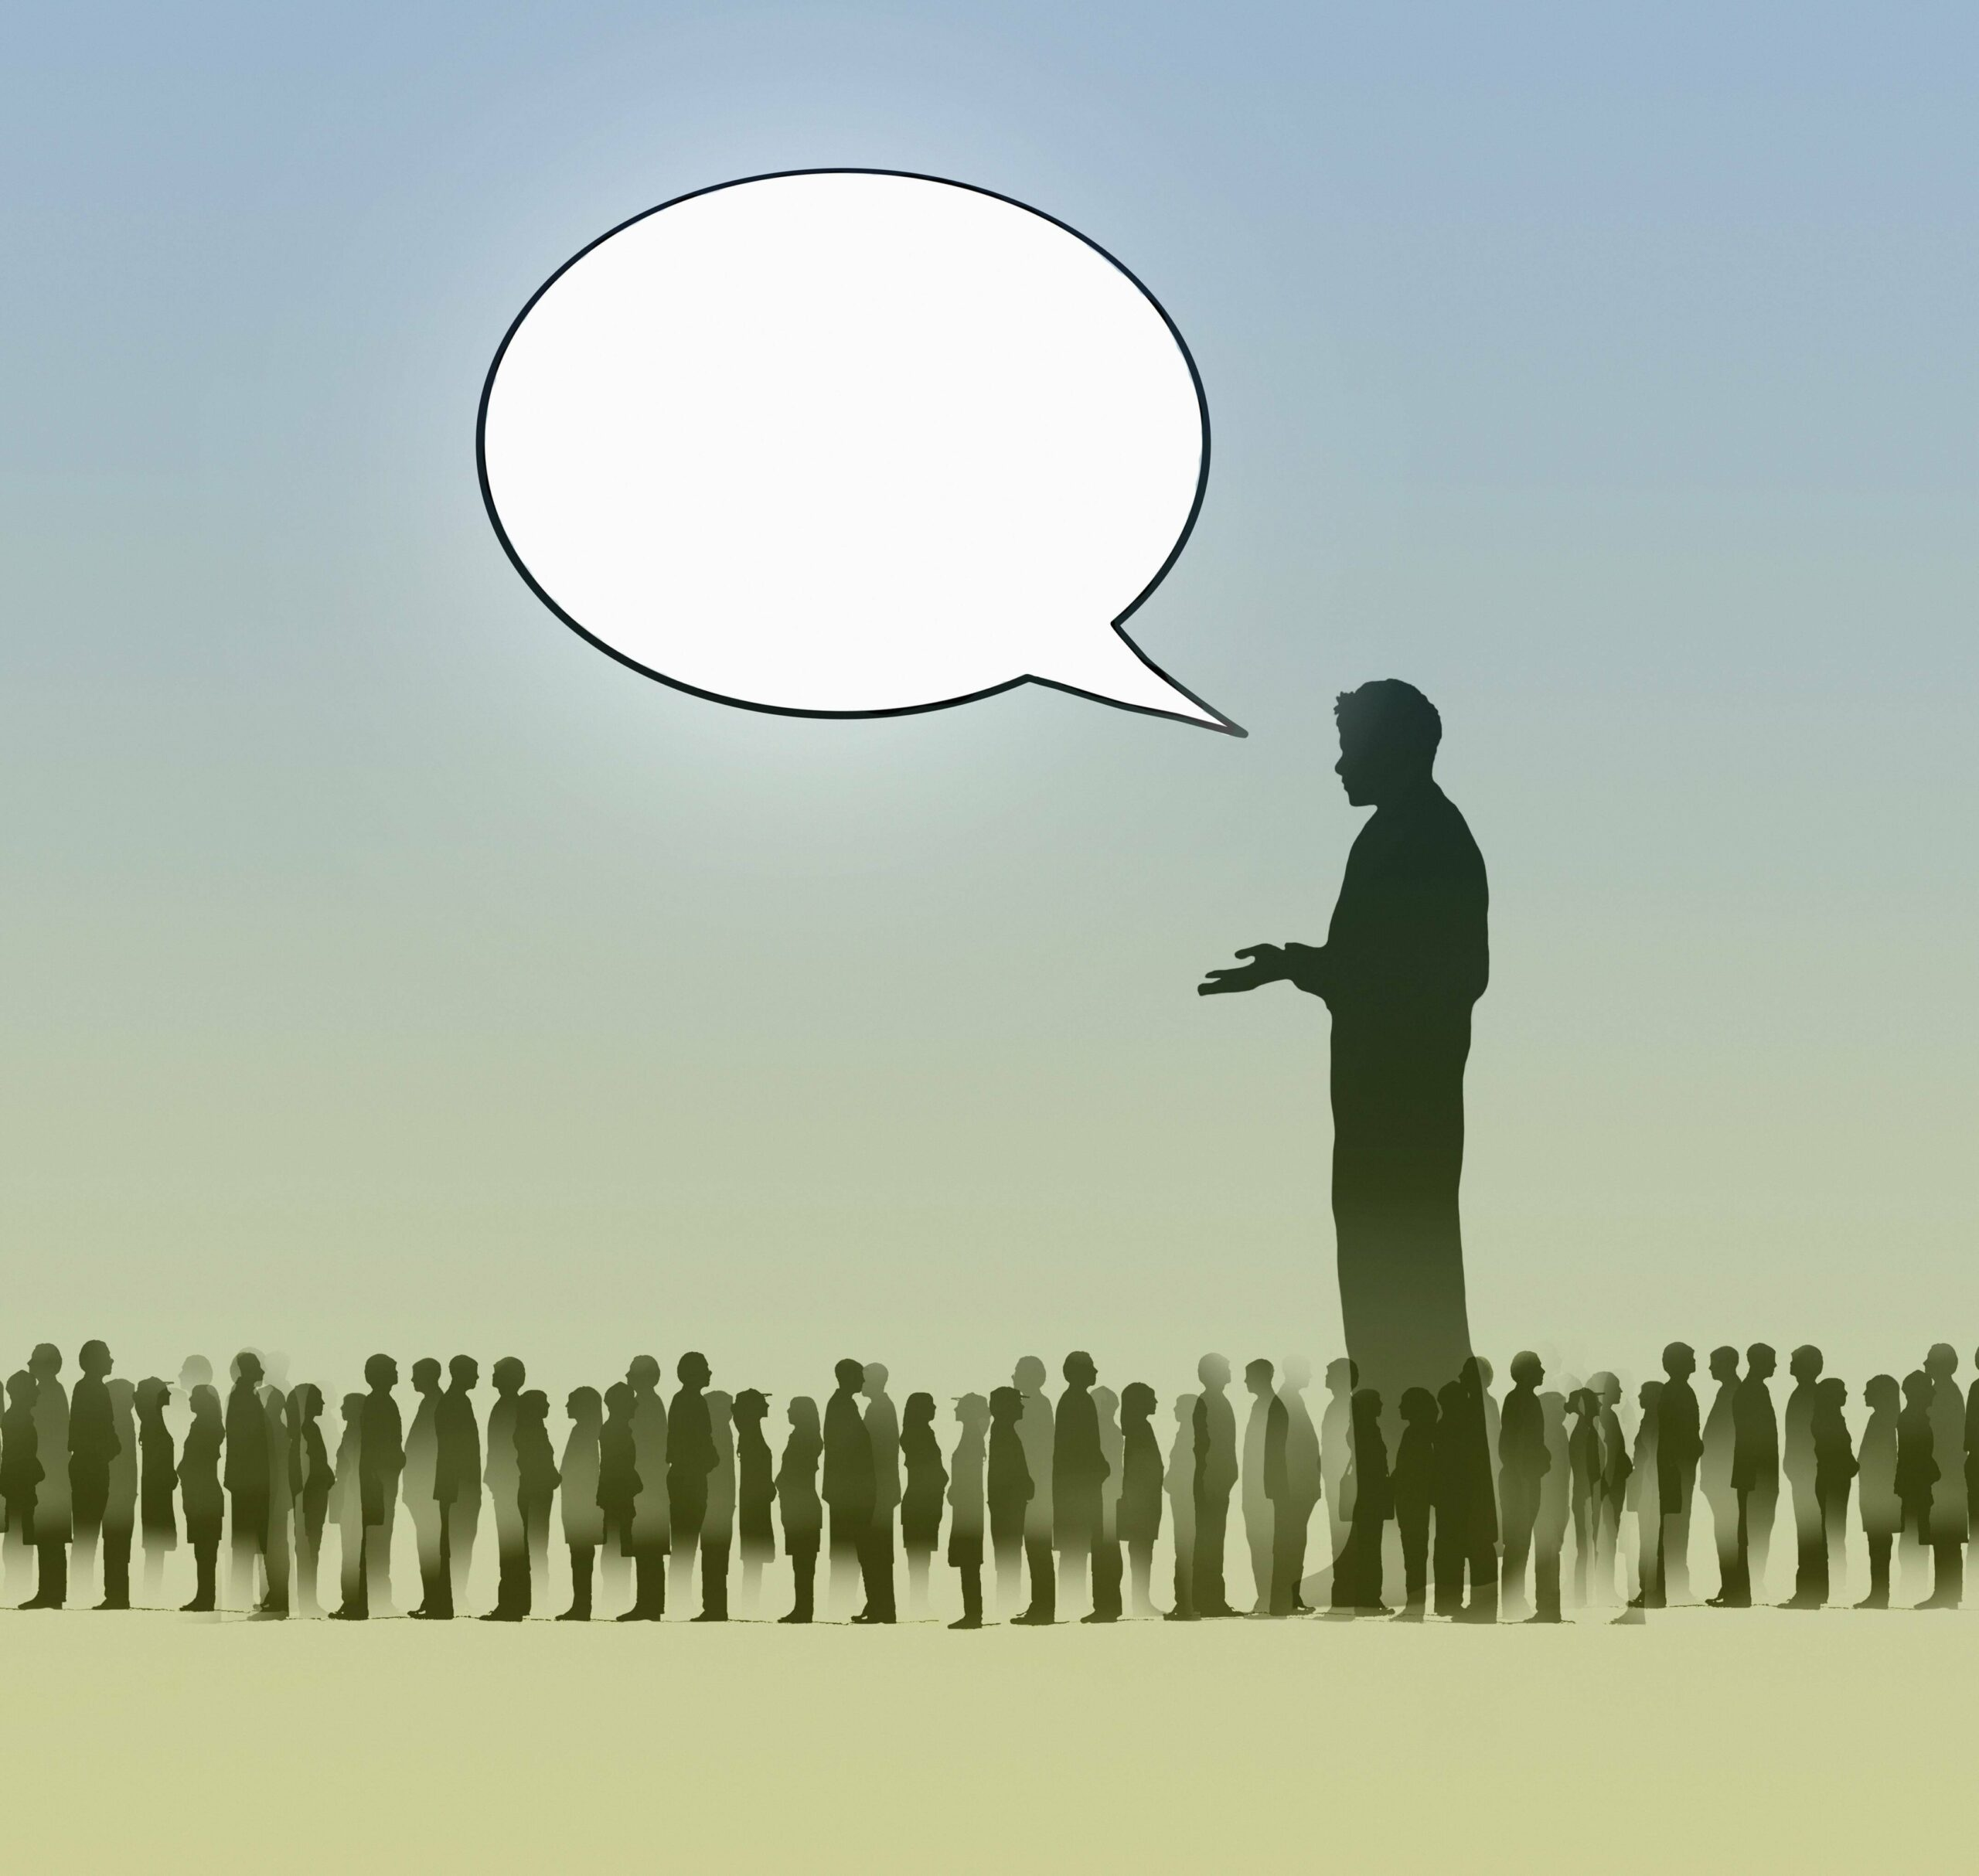 Die Wahl des Ansprechpartners ist ein wesentlicher Bestandteil der Überzeugungsstrategie.